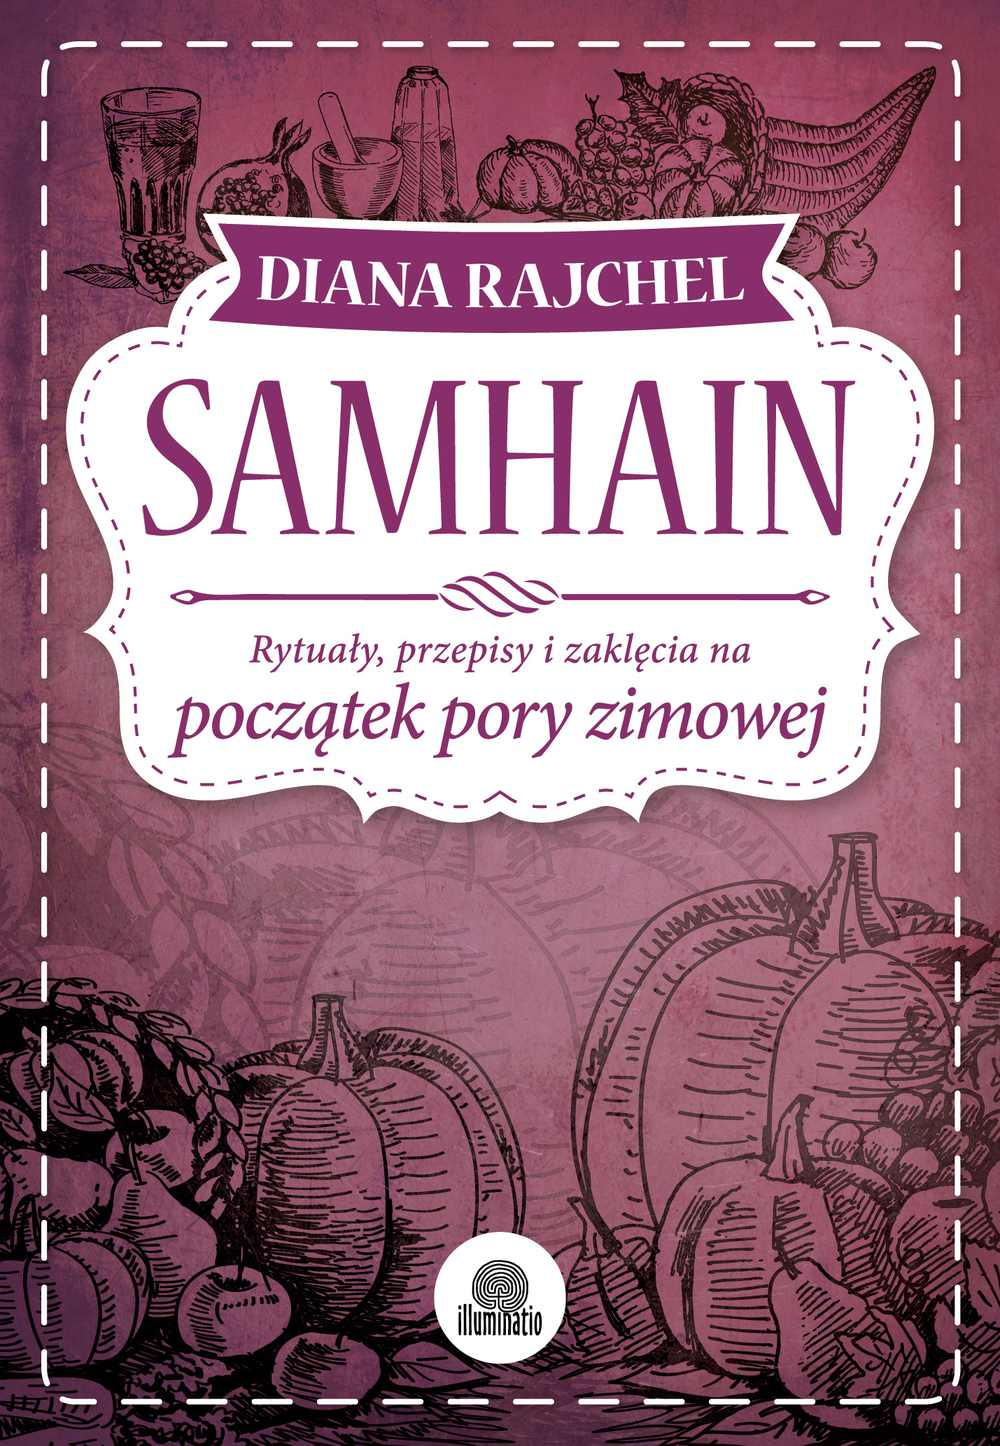 Samhain. Rytuały, przepisy i zaklęcia na początek pory zimowej - Ebook (Książka na Kindle) do pobrania w formacie MOBI